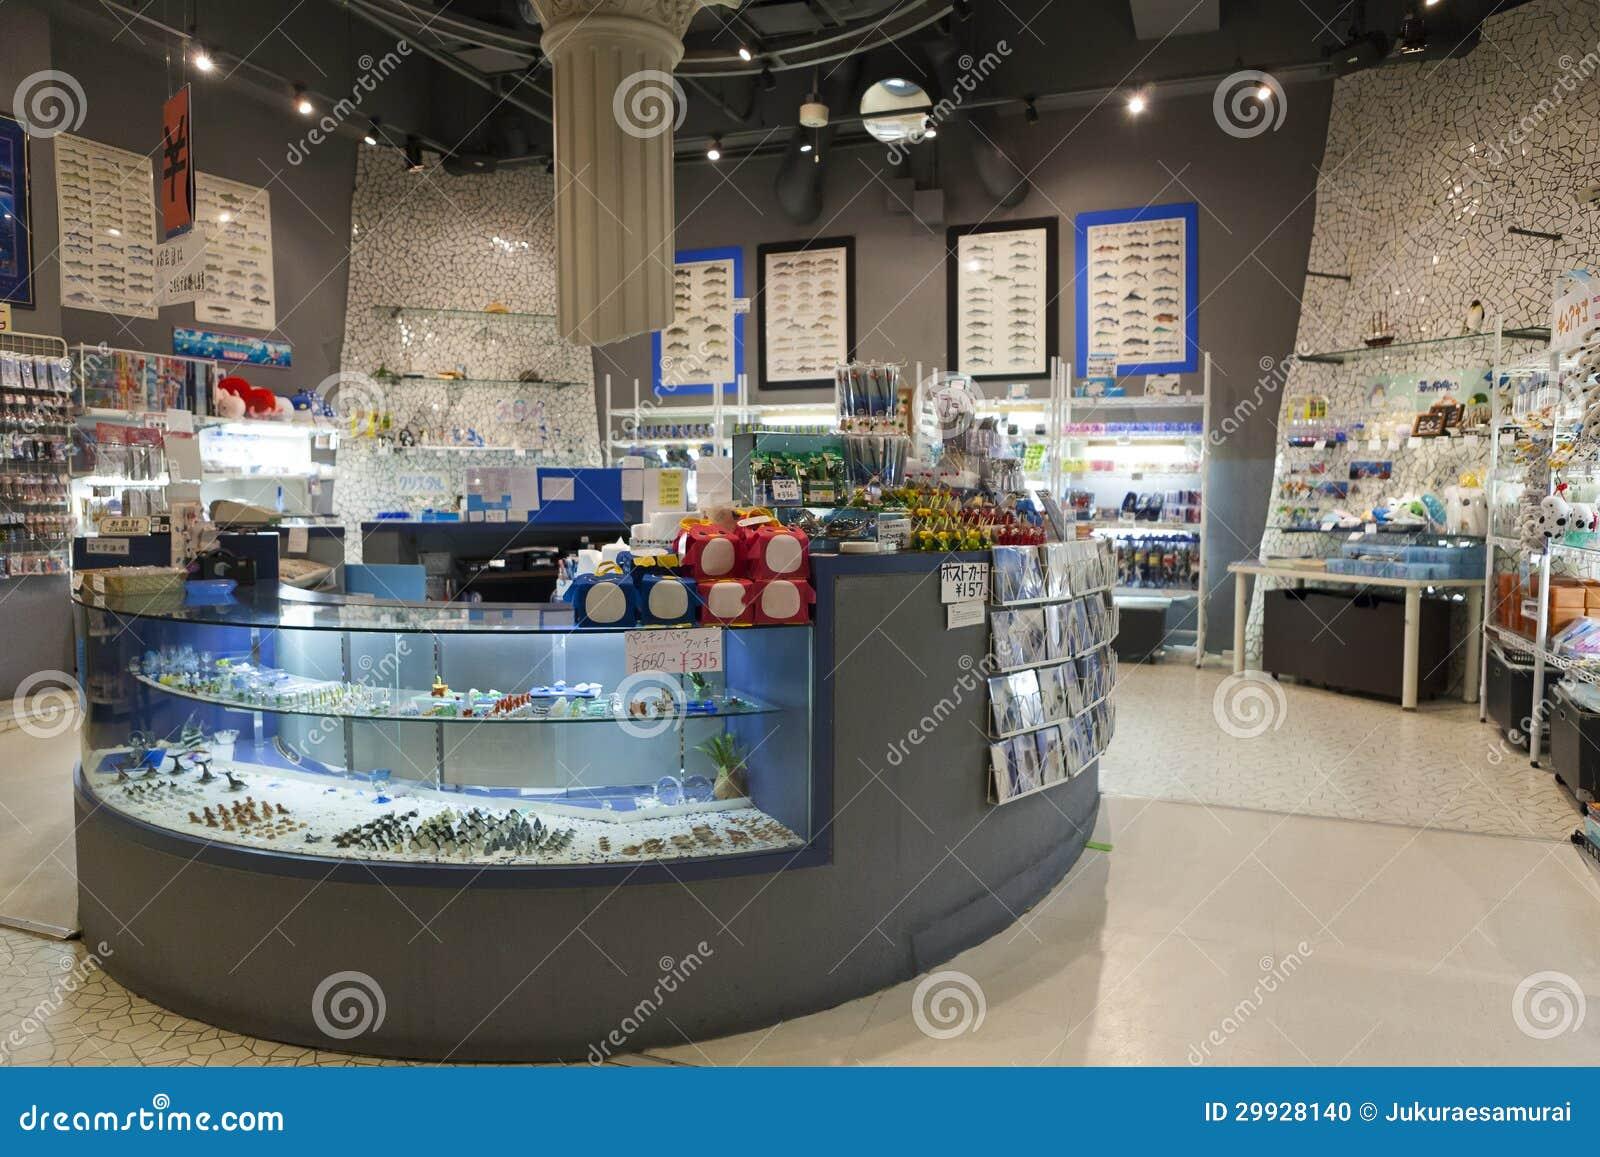 Aquarium Souvenir Store Editorial Image Image 29928140